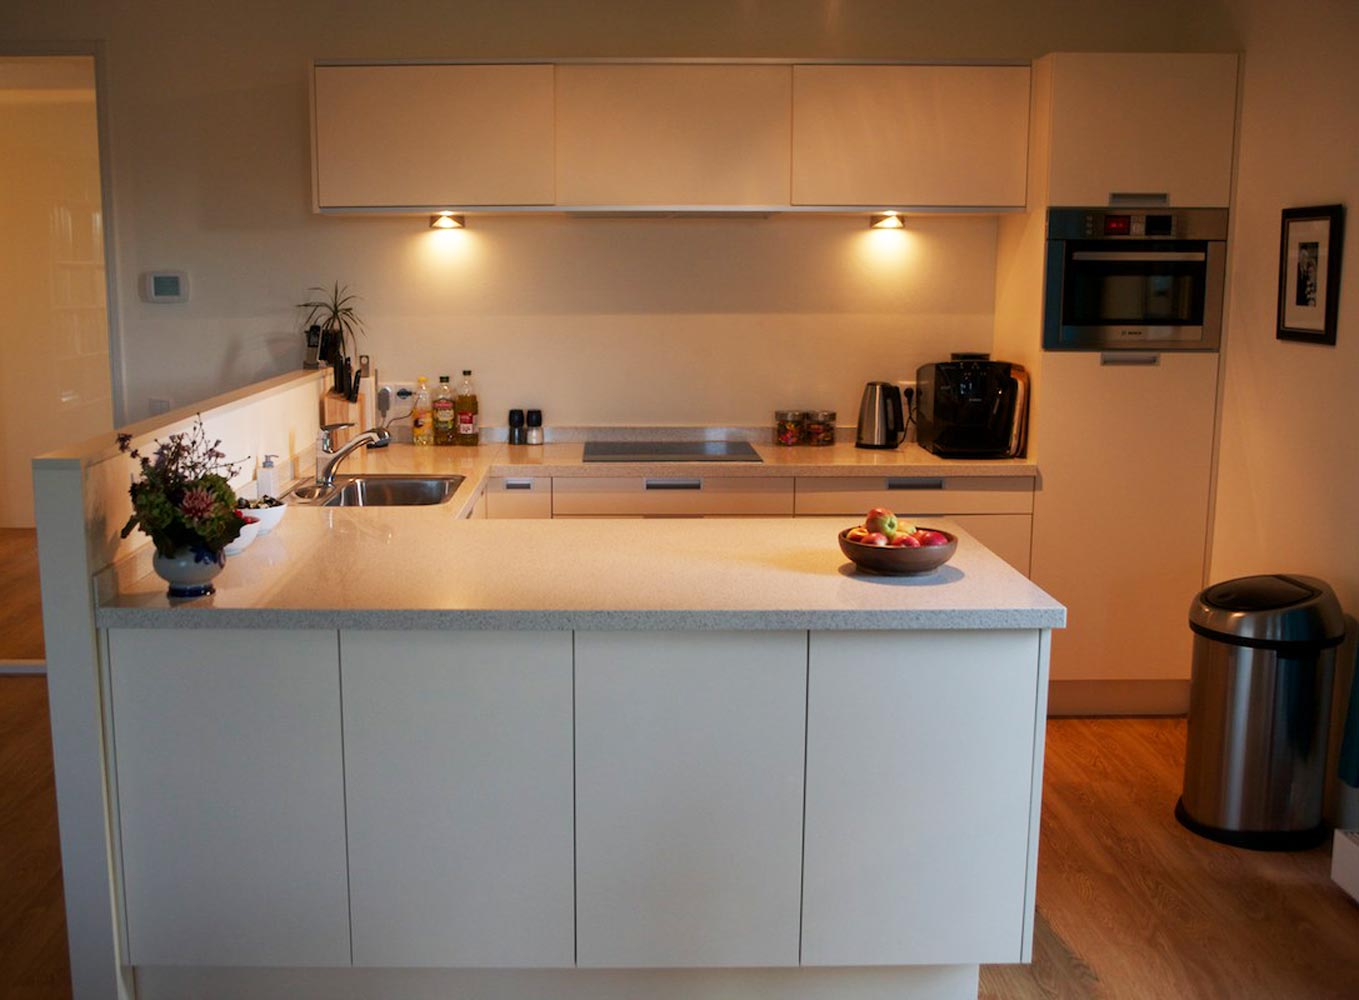 Keuken idee opbergen - Bar design keuken ...